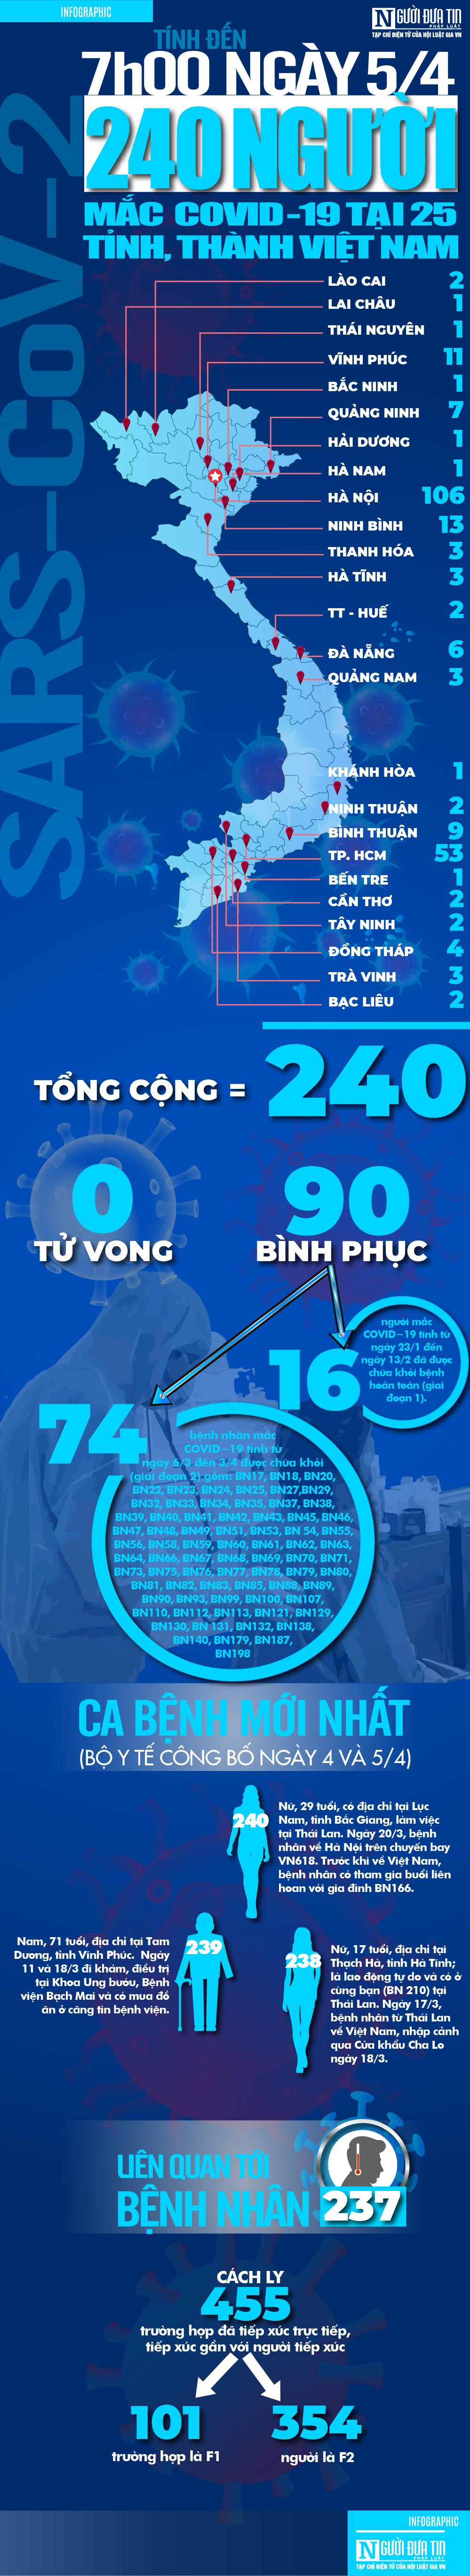 [Info] Cập nhật 7h00 ngày 5/4: 240 ca bệnh Covid-19 tại 25 tỉnh, thành Việt Nam